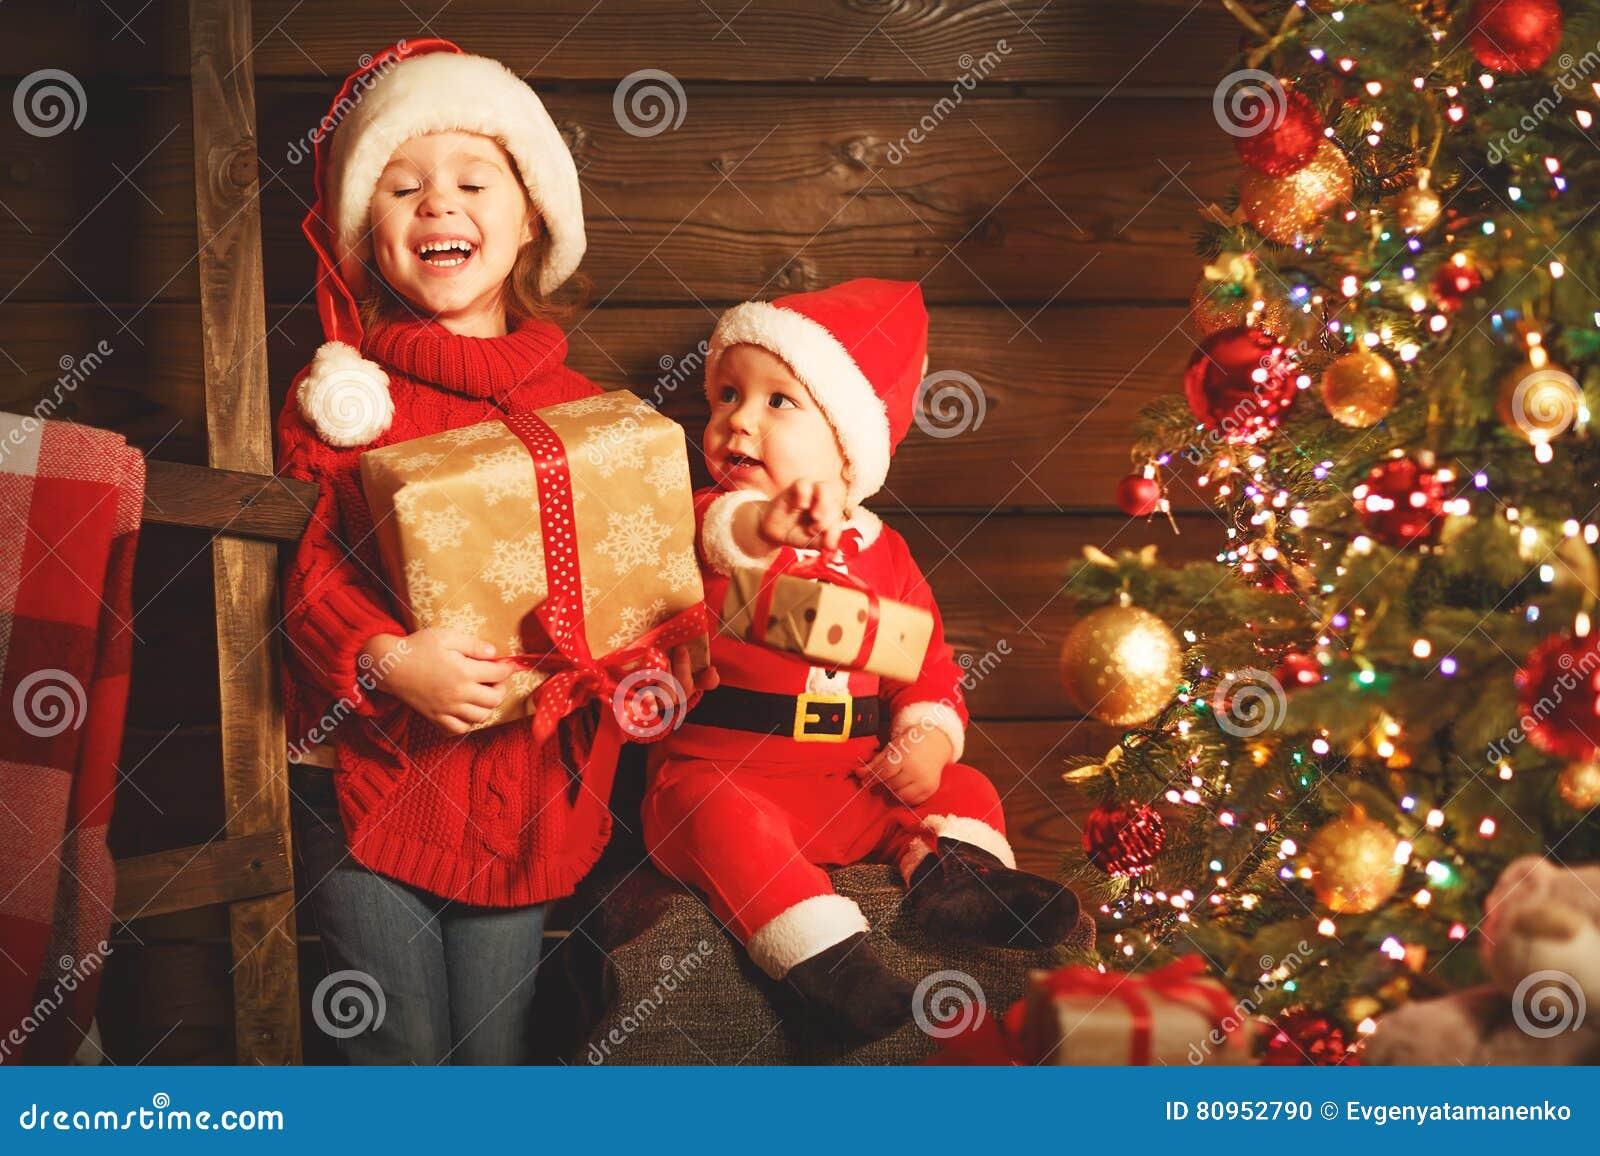 Glückliche Kinder Bruder Und Schwester Mit Weihnachtsgeschenk ...